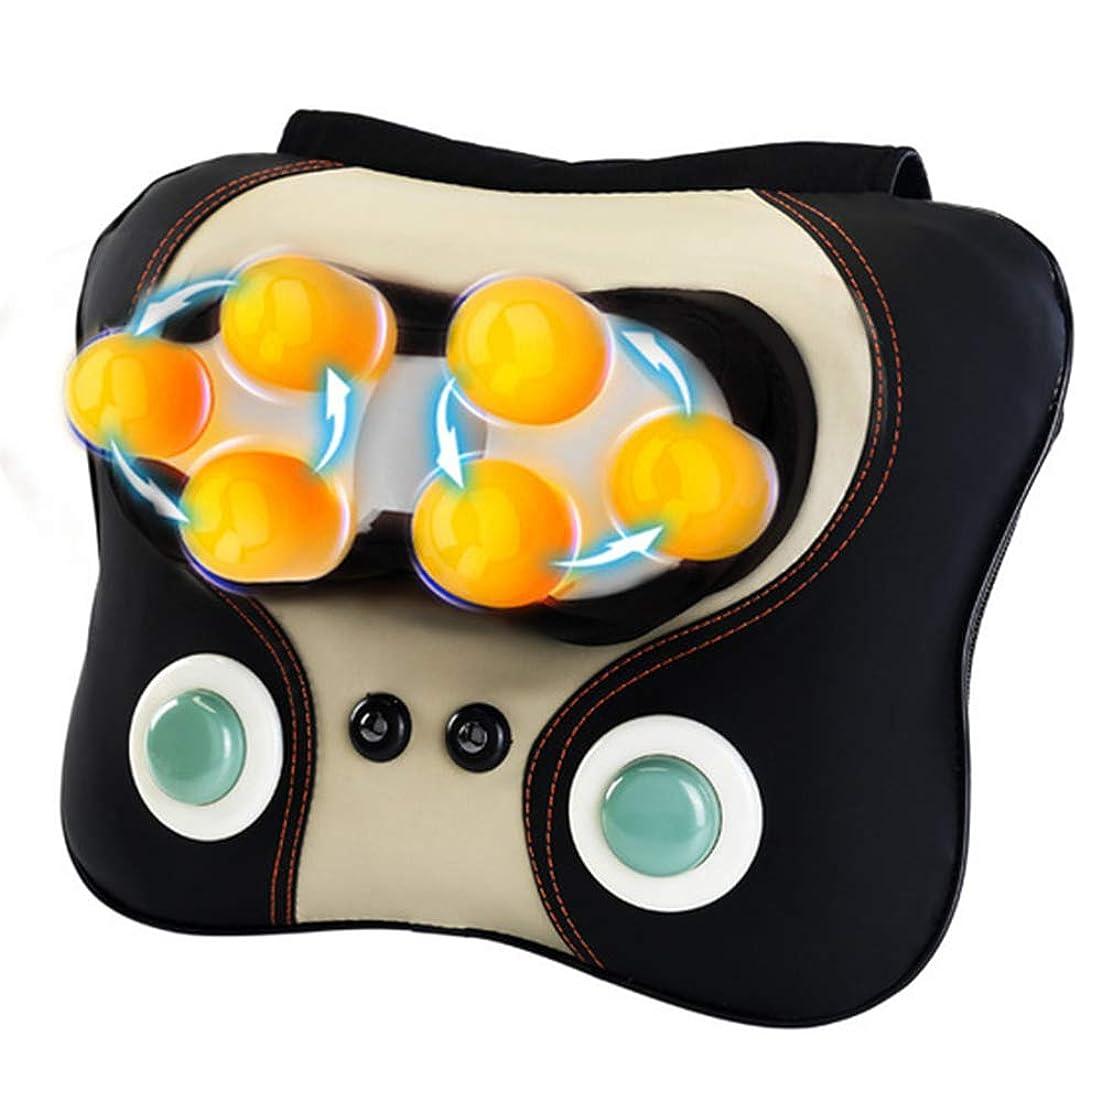 解釈的楽観的インスタンス頸部マッサージ - 混練ノッキング電動マッサージ枕 - 多機能暖房家庭用首と肩のマッサージクッション - 高齢者や座りがちな人に最適